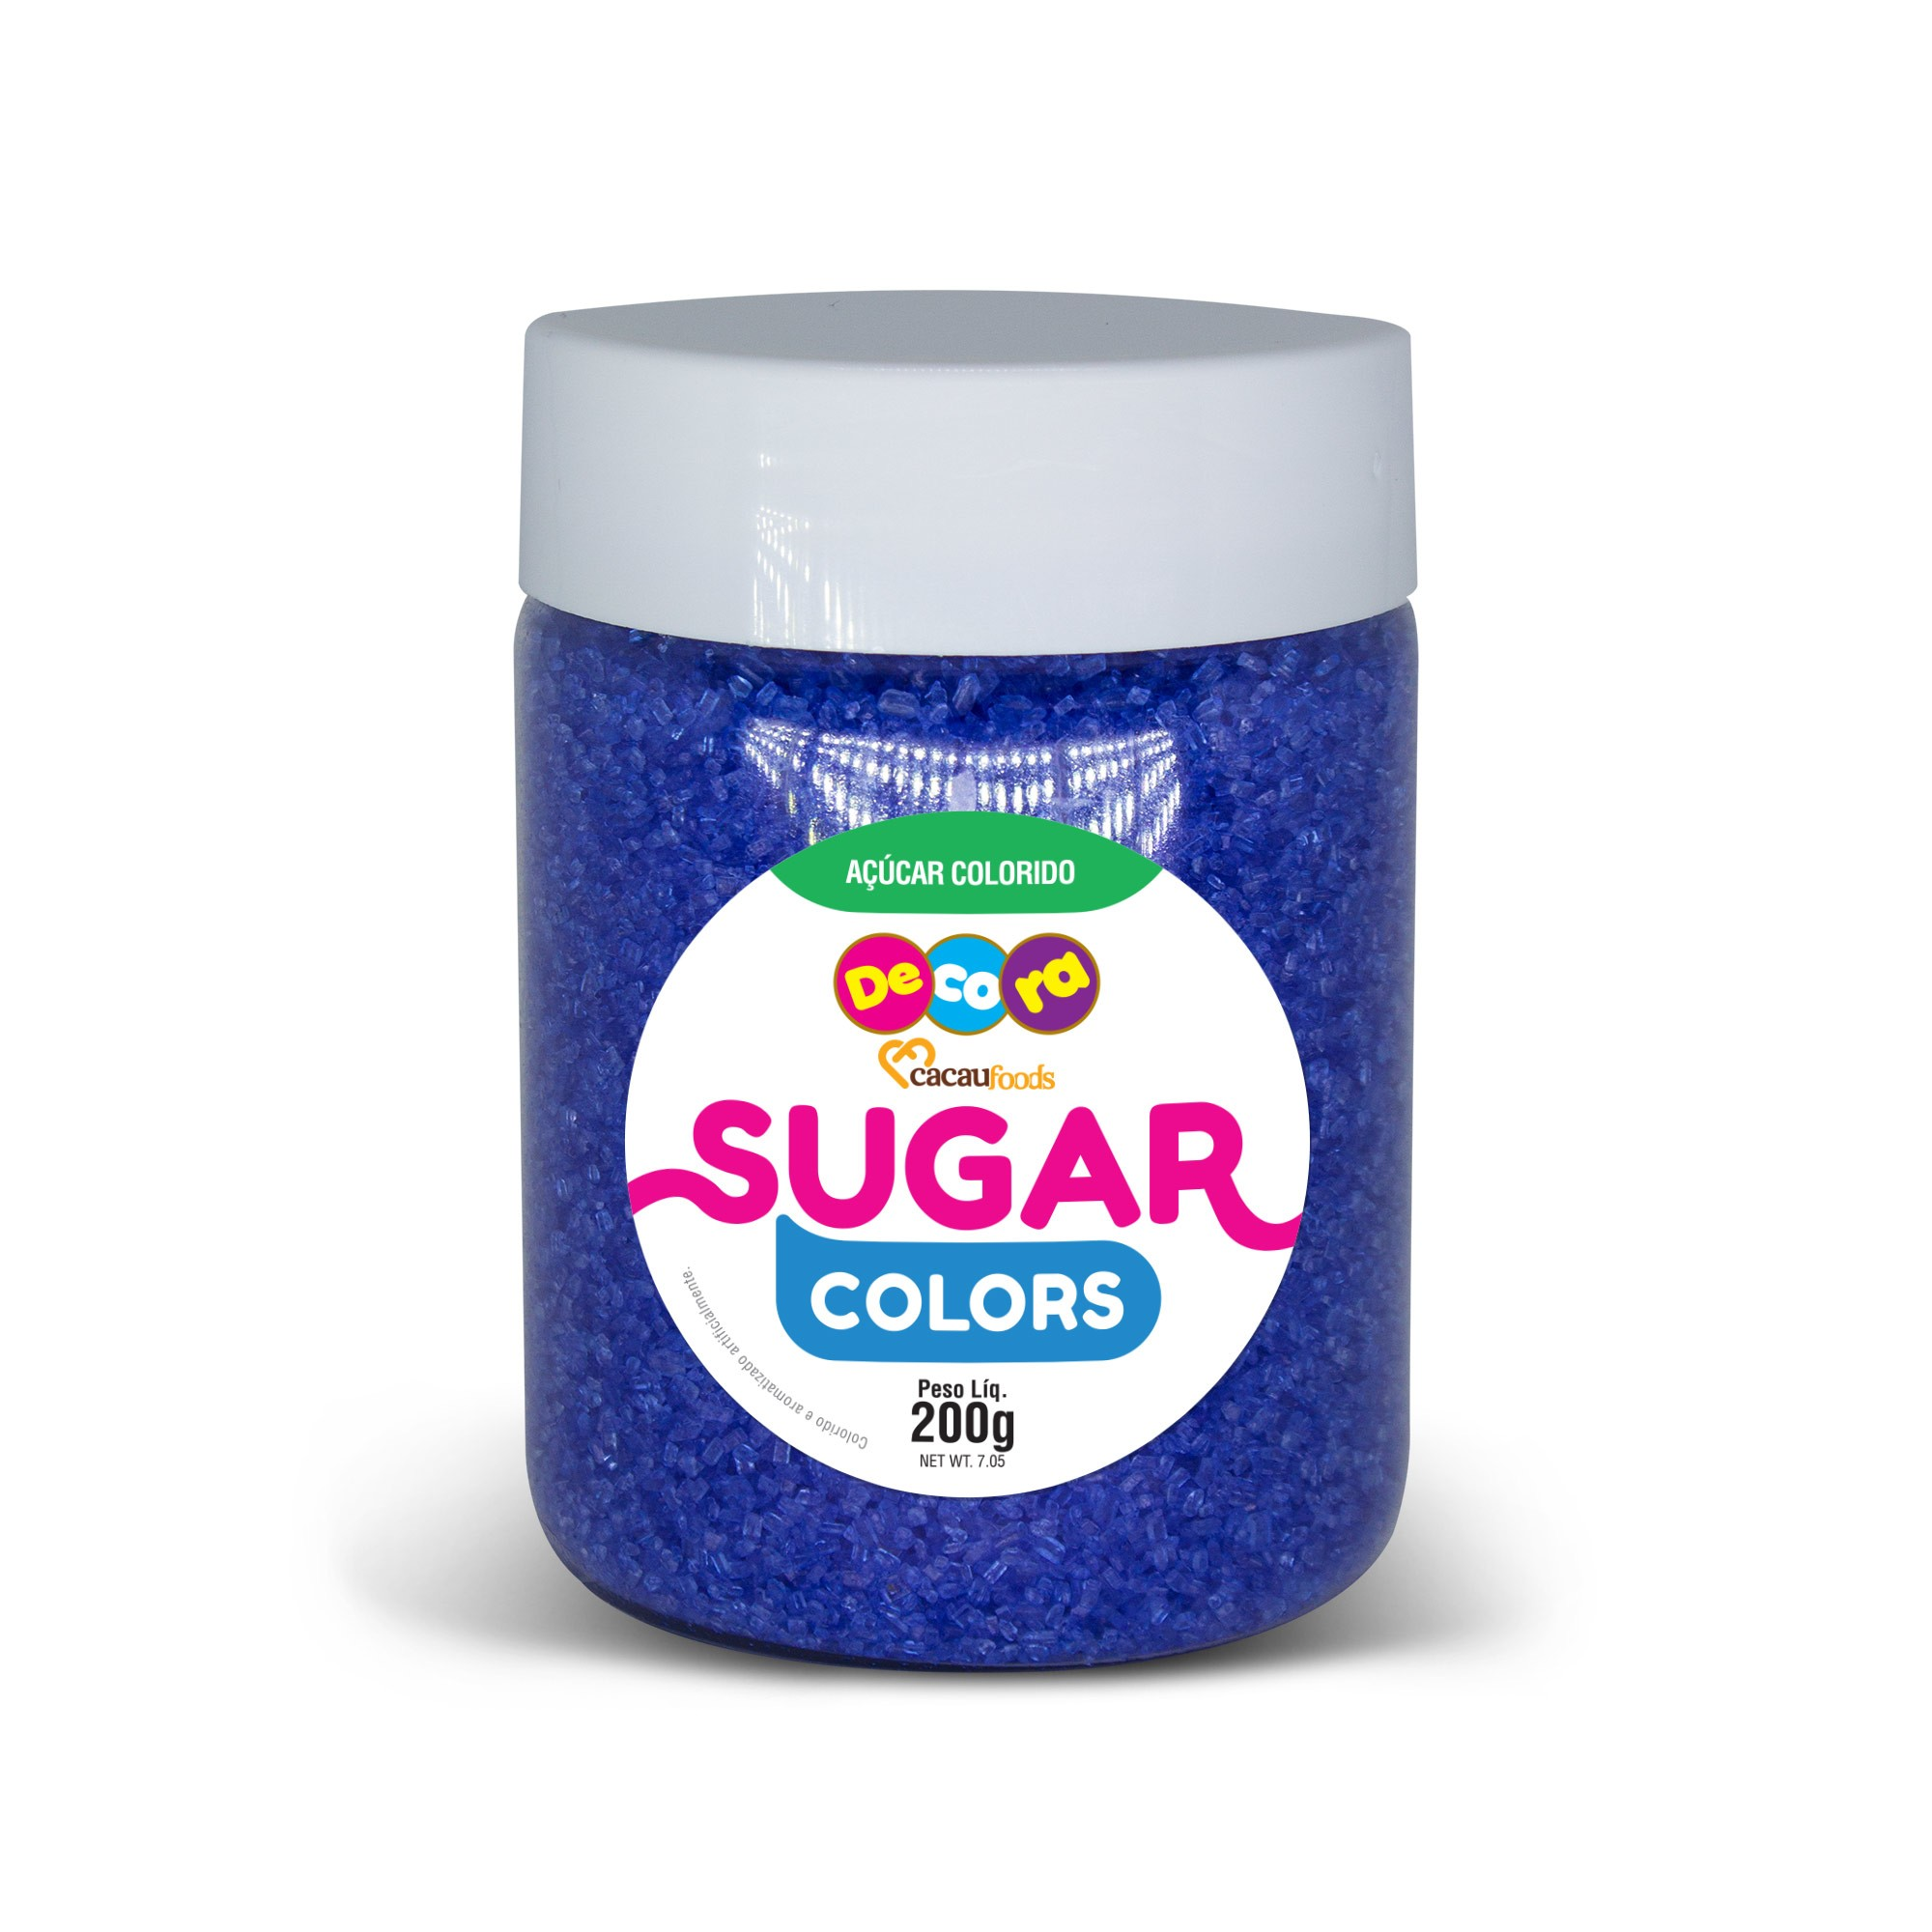 Açúcar Colorido Sugar Colors Azul Royal 200g